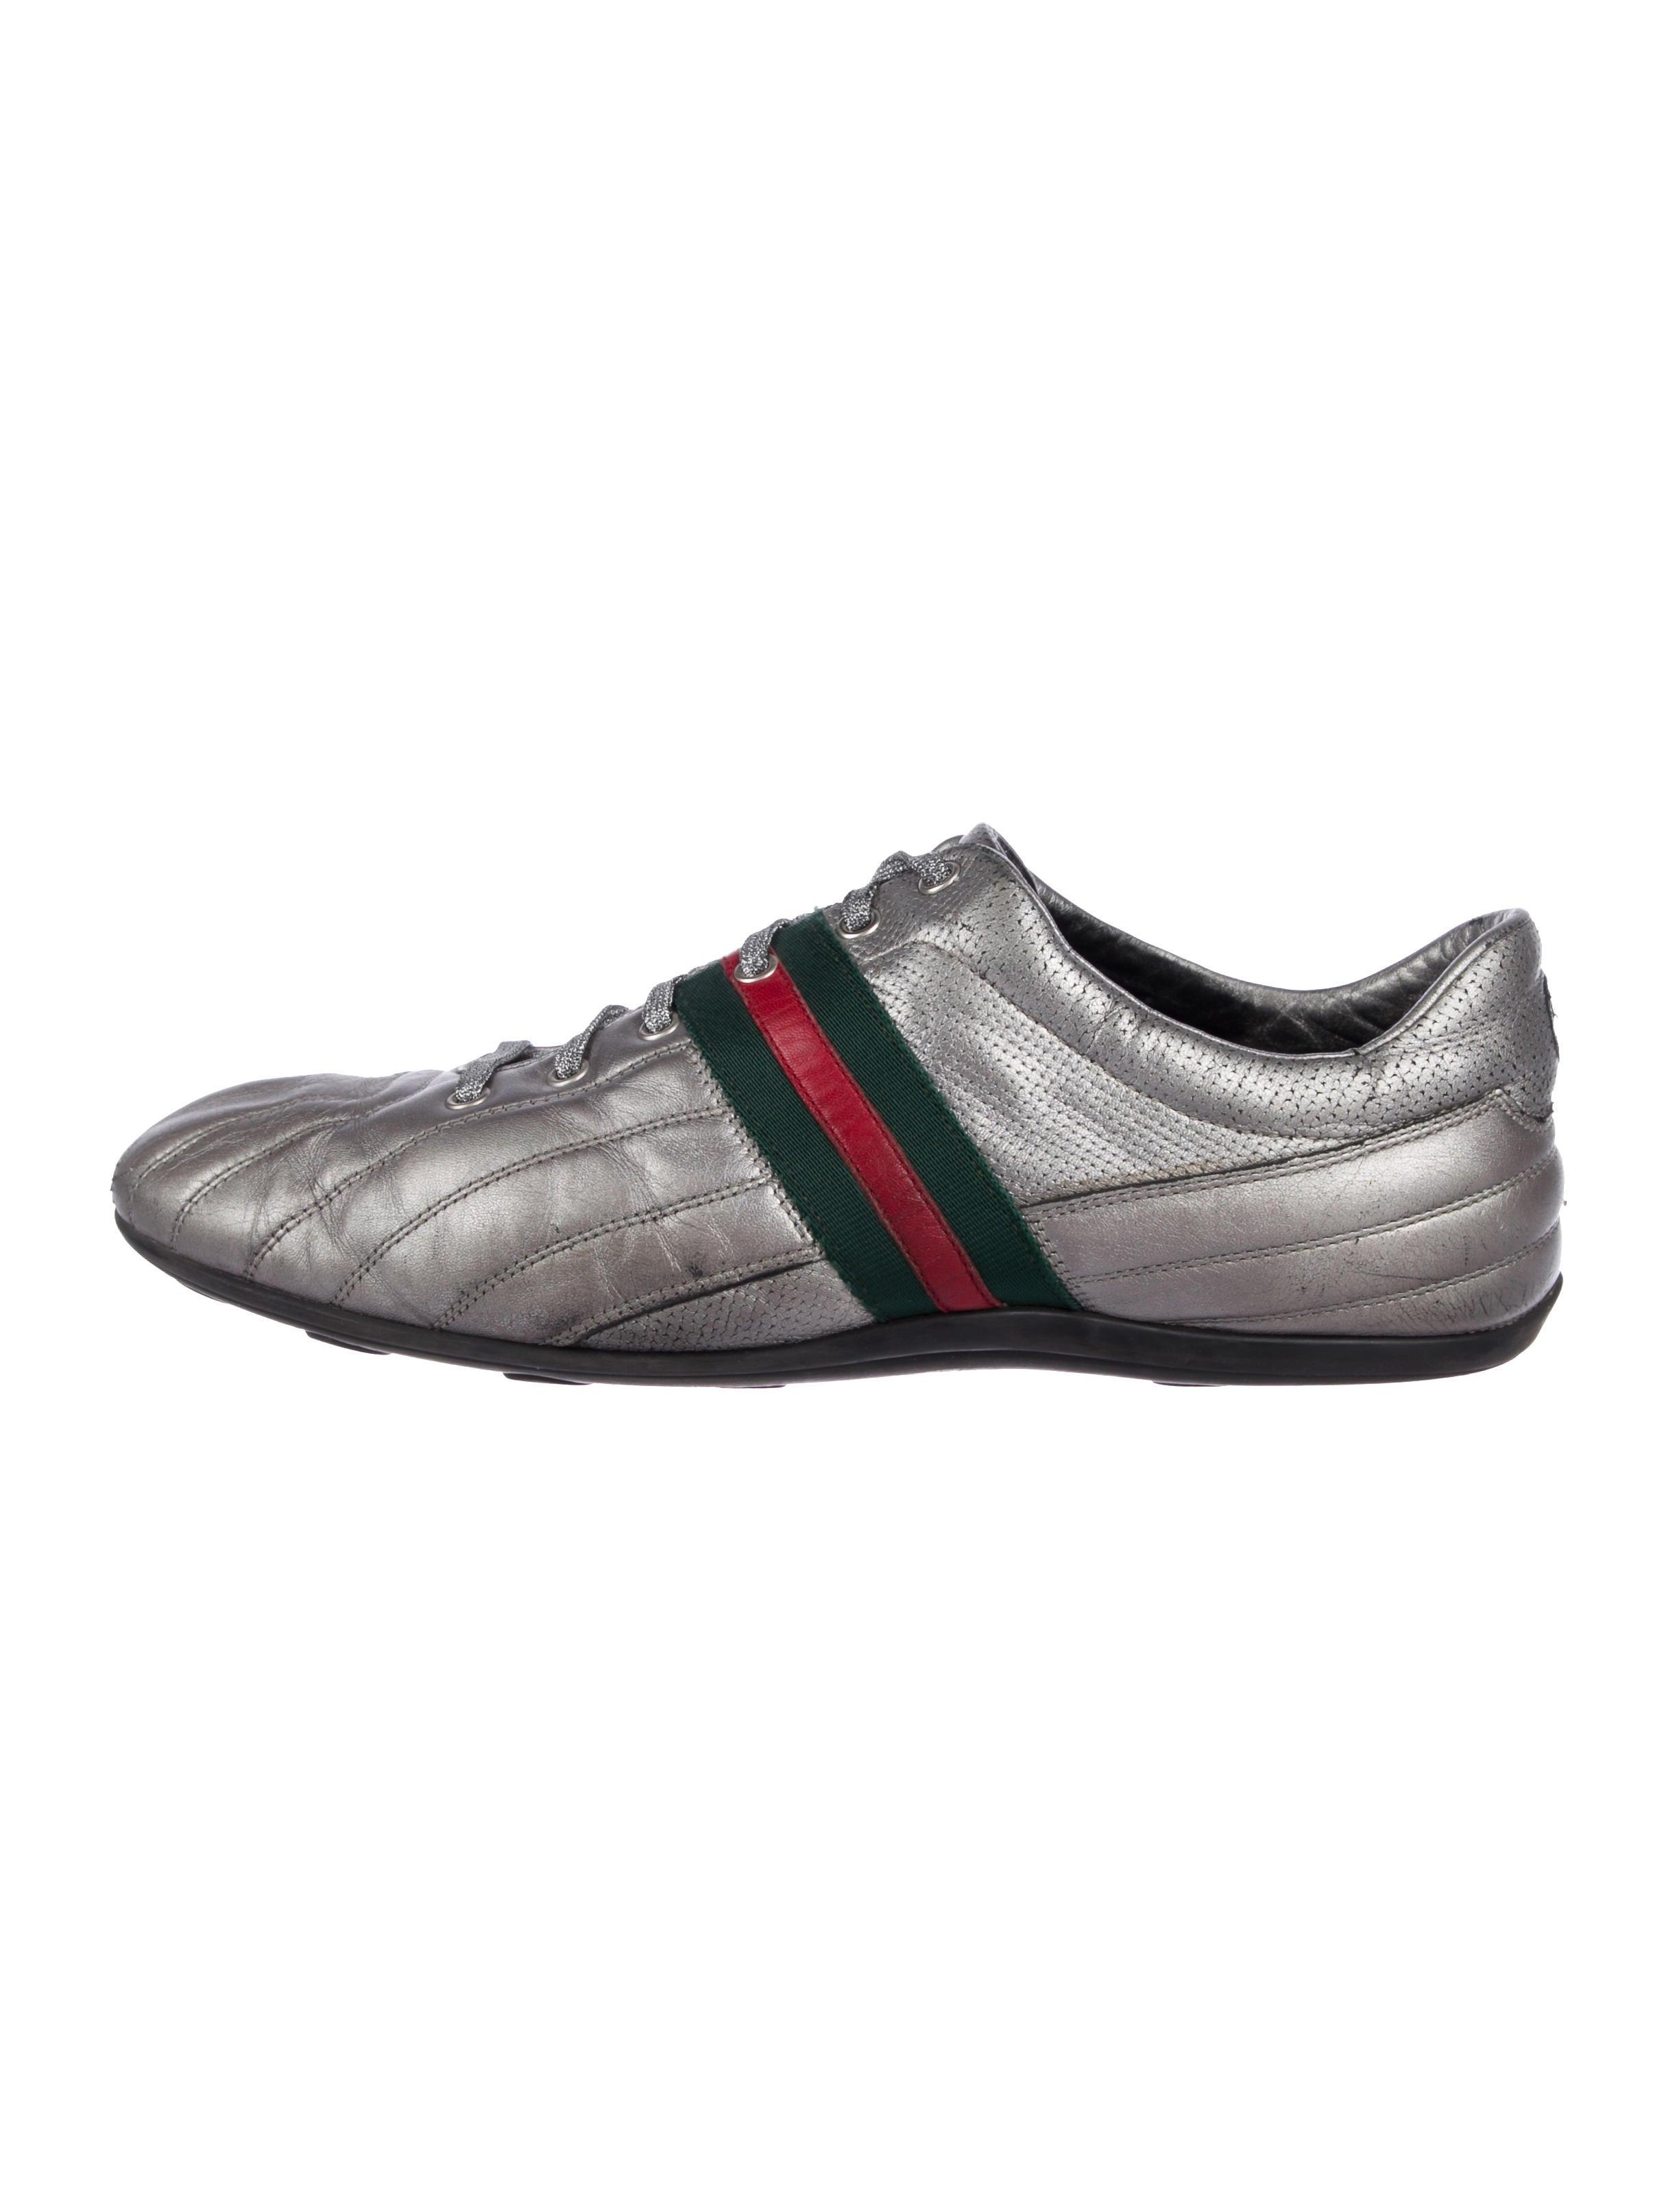 9c969e518a3 Gucci Sneakers